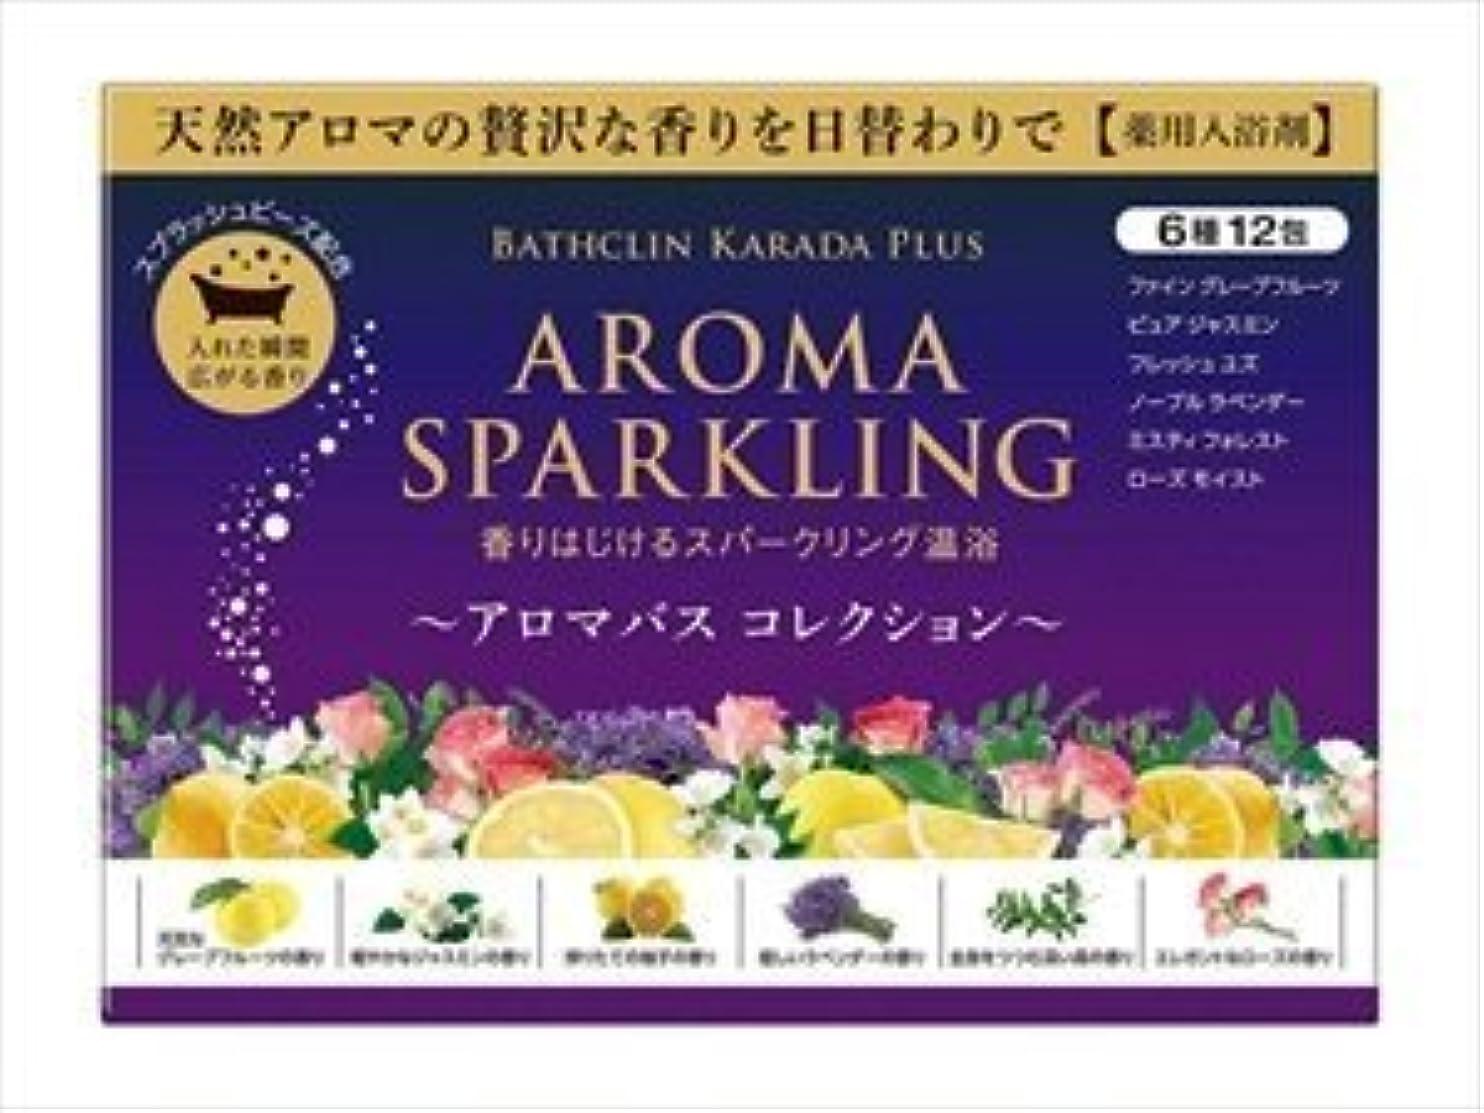 スーツハンバーガー韻バスクリン アロマスパークリング コレクション × 3個セット